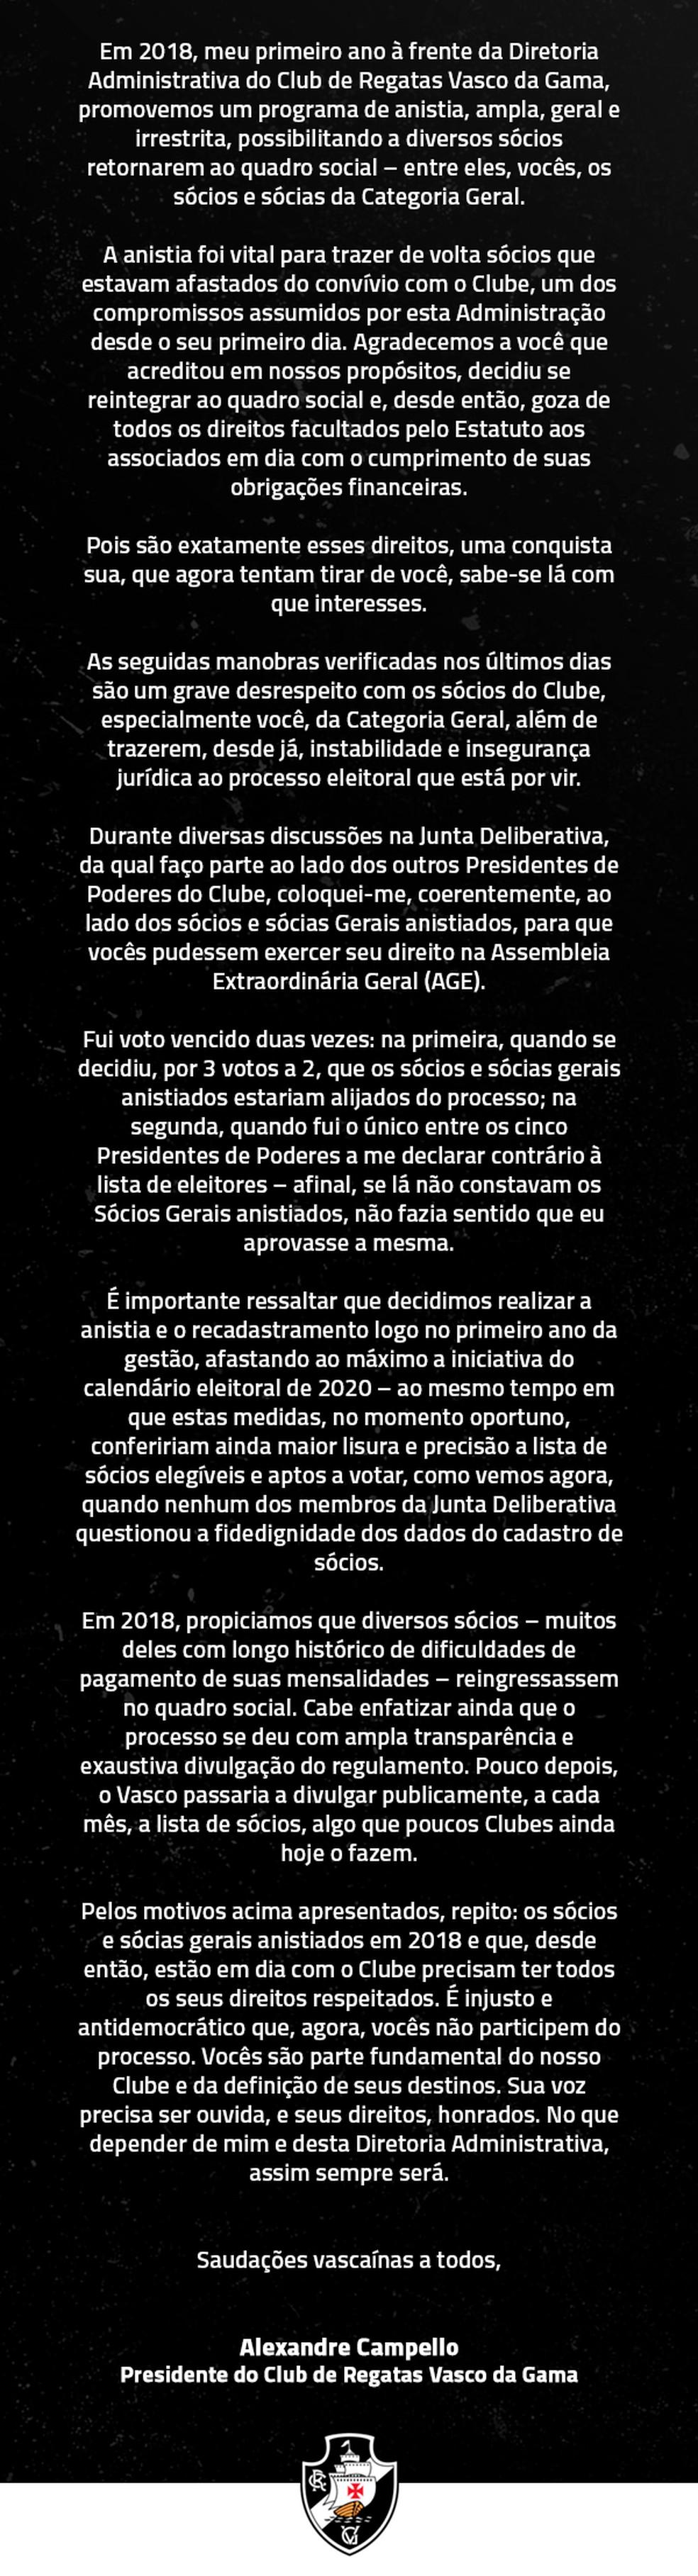 Carta de Campello aos associados do Vasco da categoria Geral — Foto: Reprodução